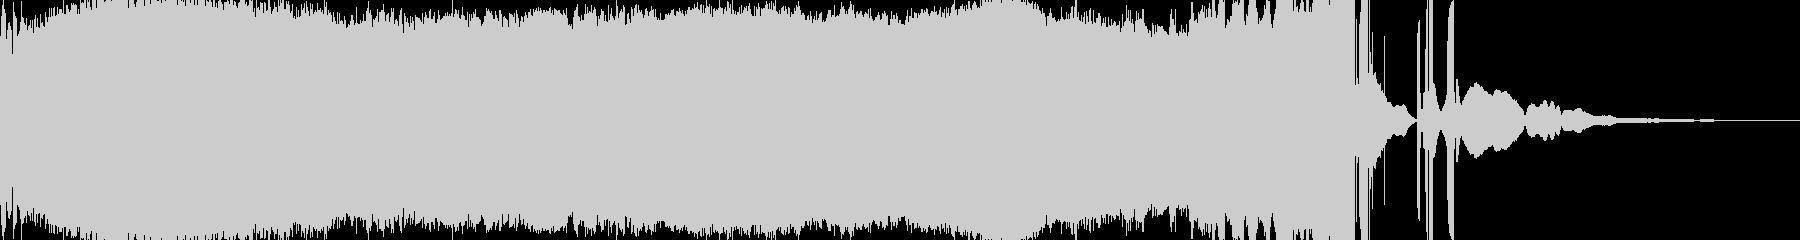 【ゲーム】 SFX ライズアップ 07の未再生の波形